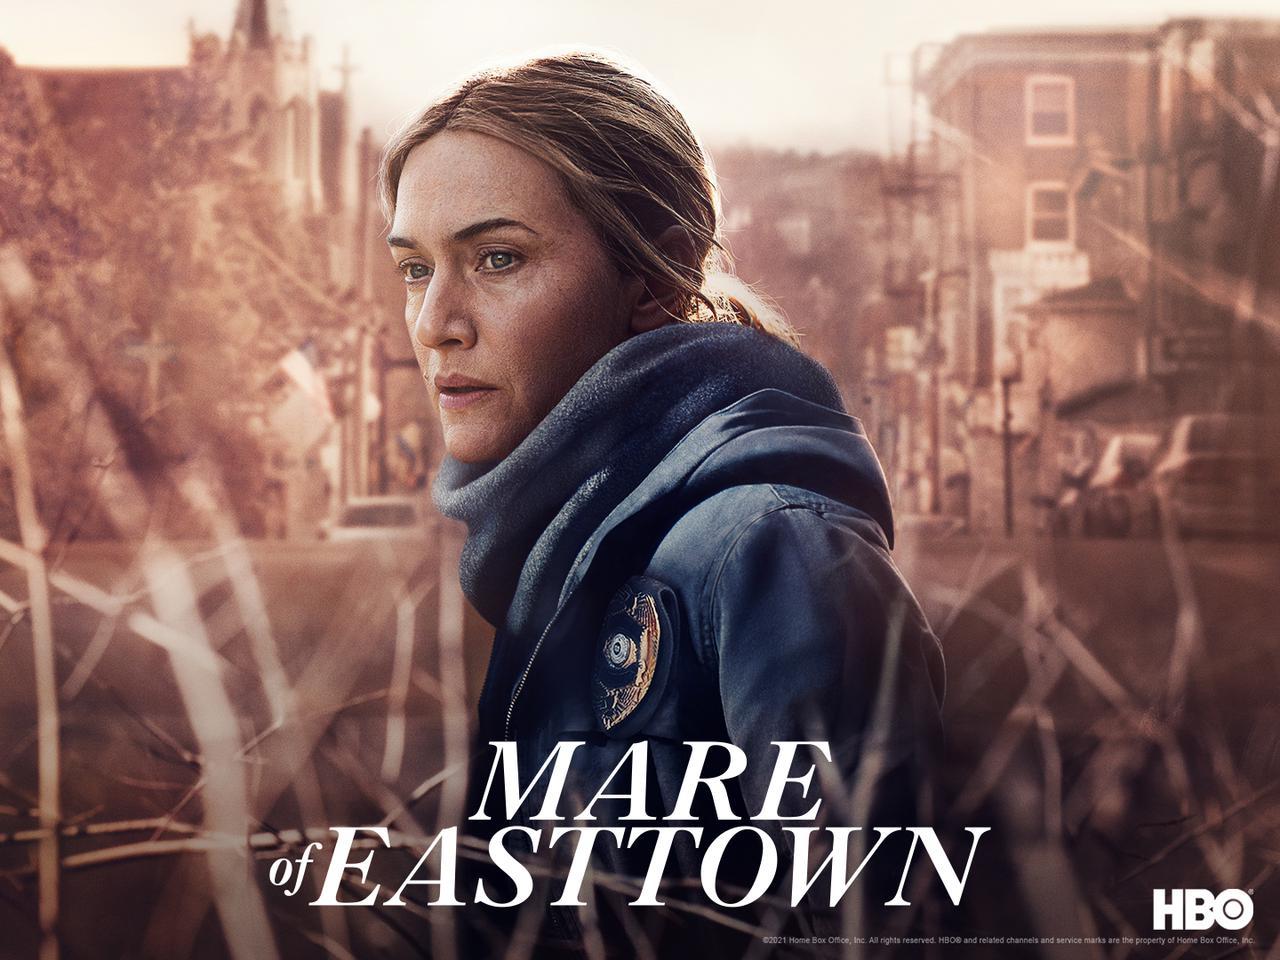 画像: 女性の体のリアルなレプリゼンテーションが足りていないハリウッドを変えようと、ケイト・ウィンスレットは主演ドラマ『Mare of Easttown』のセックスシーンで自身のぜい肉を加工で消すことを監督に禁じたという。